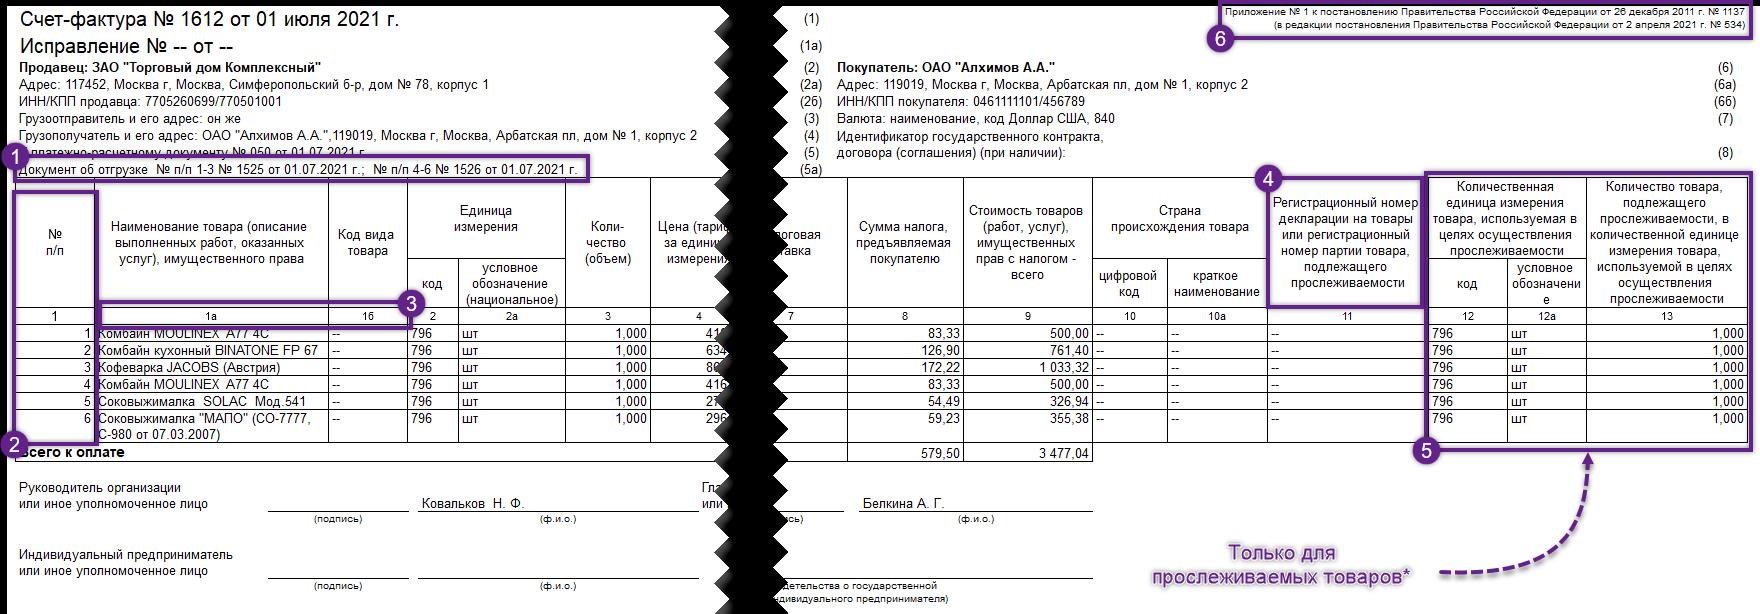 Скачать счет-фактуру для 1С Управление торговлей 11.3 с 1 июля 2021 года